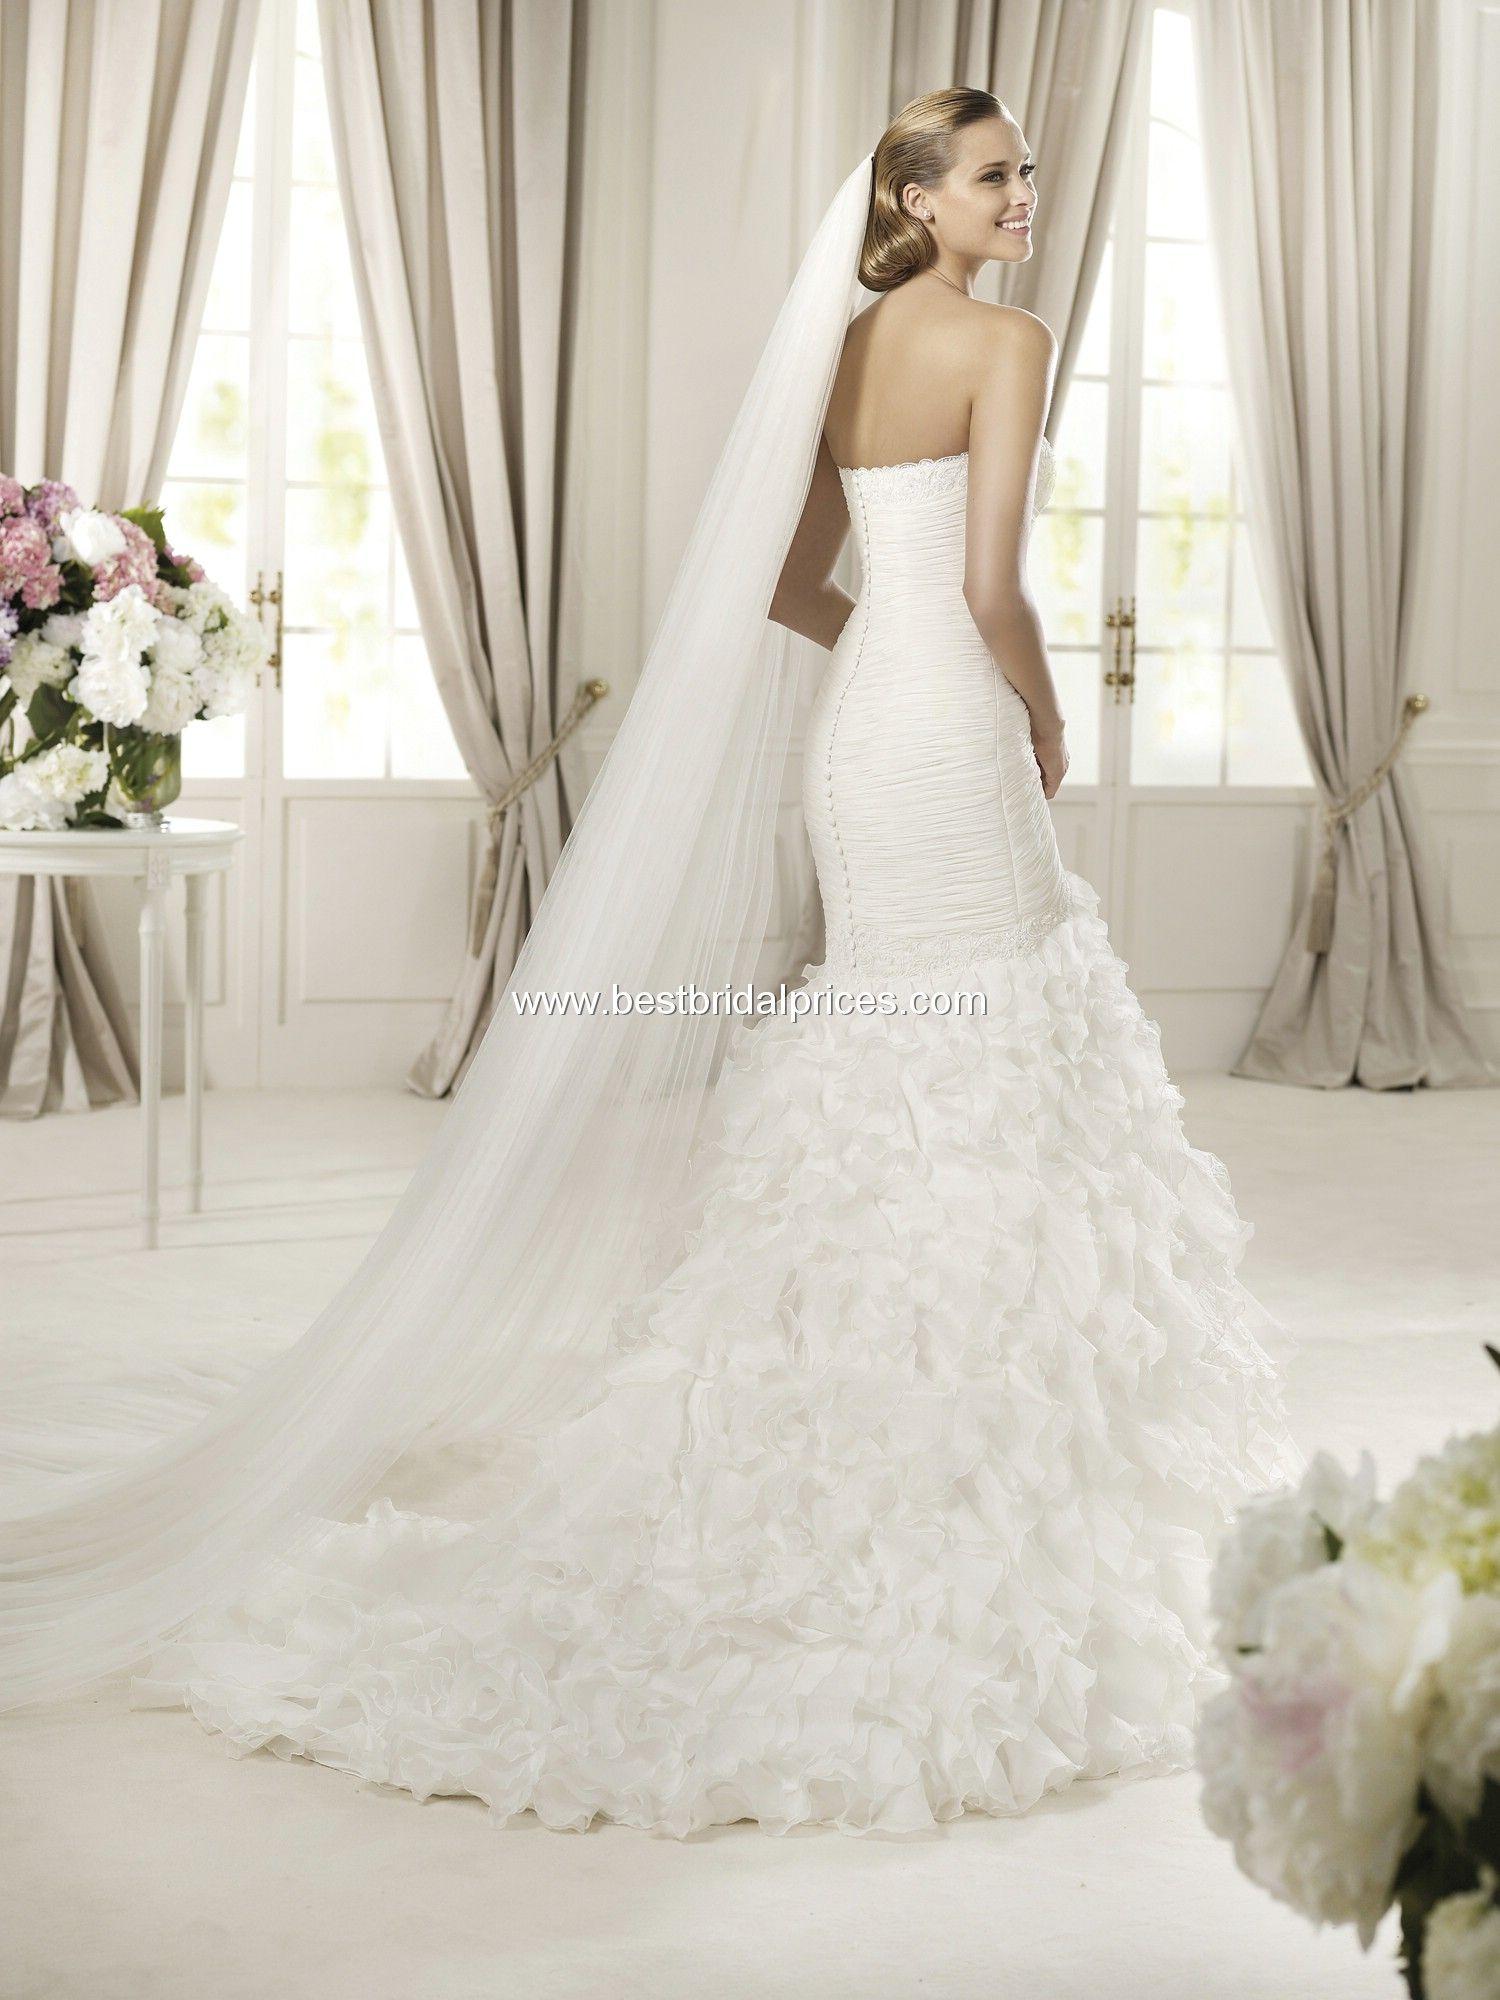 27 dresses wedding dress  Pronovias Wedding Dresses  Wedding ideas  Pinterest  Pronovias